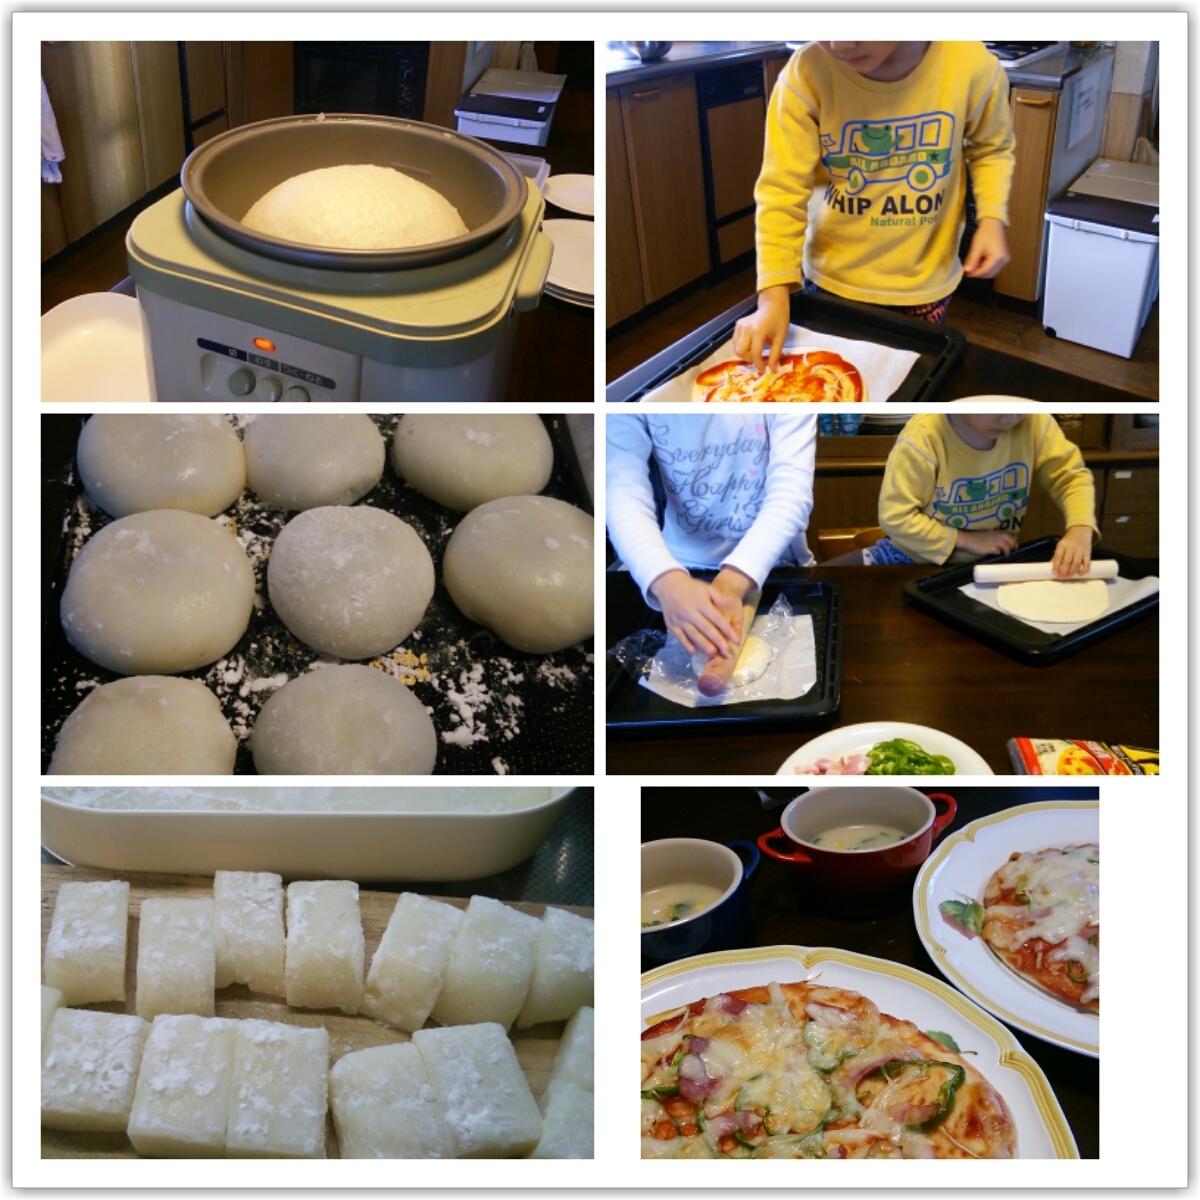 d4e338b4154b6 自己紹介 - 家族の笑顔が元気のミナモト☆ - サンキュ!主婦ブログ 料理 ...